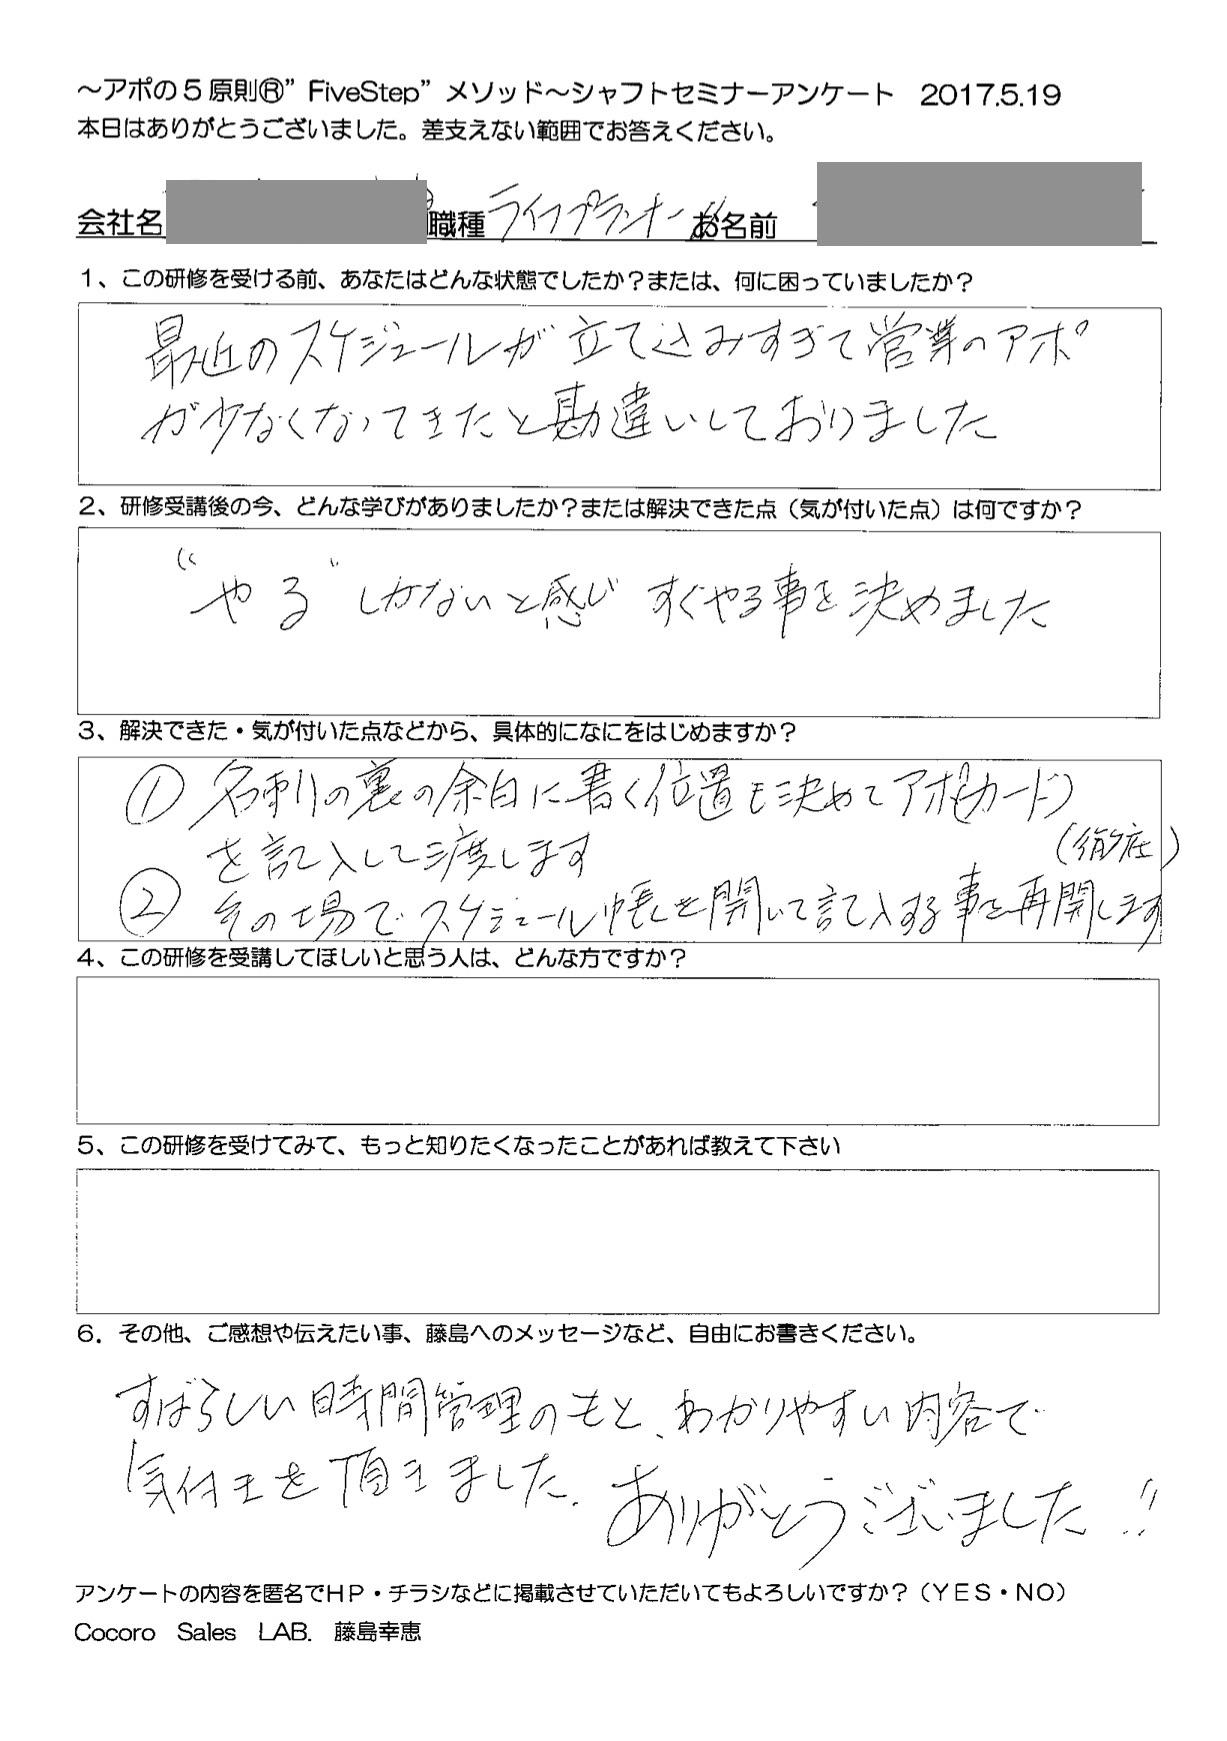 """株式会社シャフト様 fleFP塾特別セミナー 【アポの5原則®""""Five Step""""メソッド】アンケート5"""